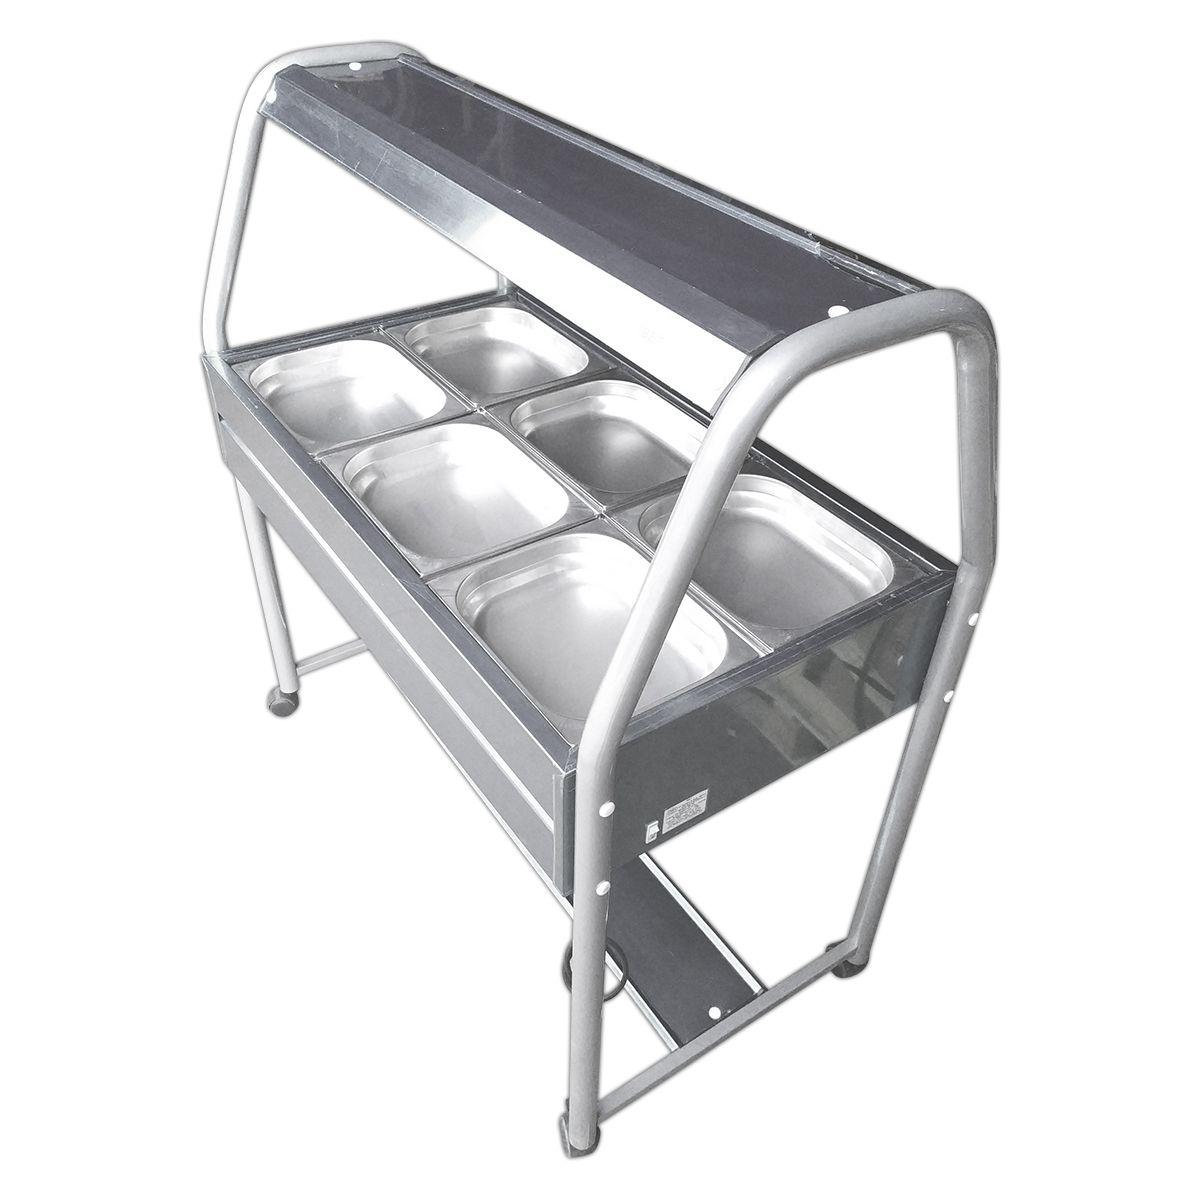 Carrinho Buffet Self Service 6 Cubas Refrigerado - Ibet - 110V